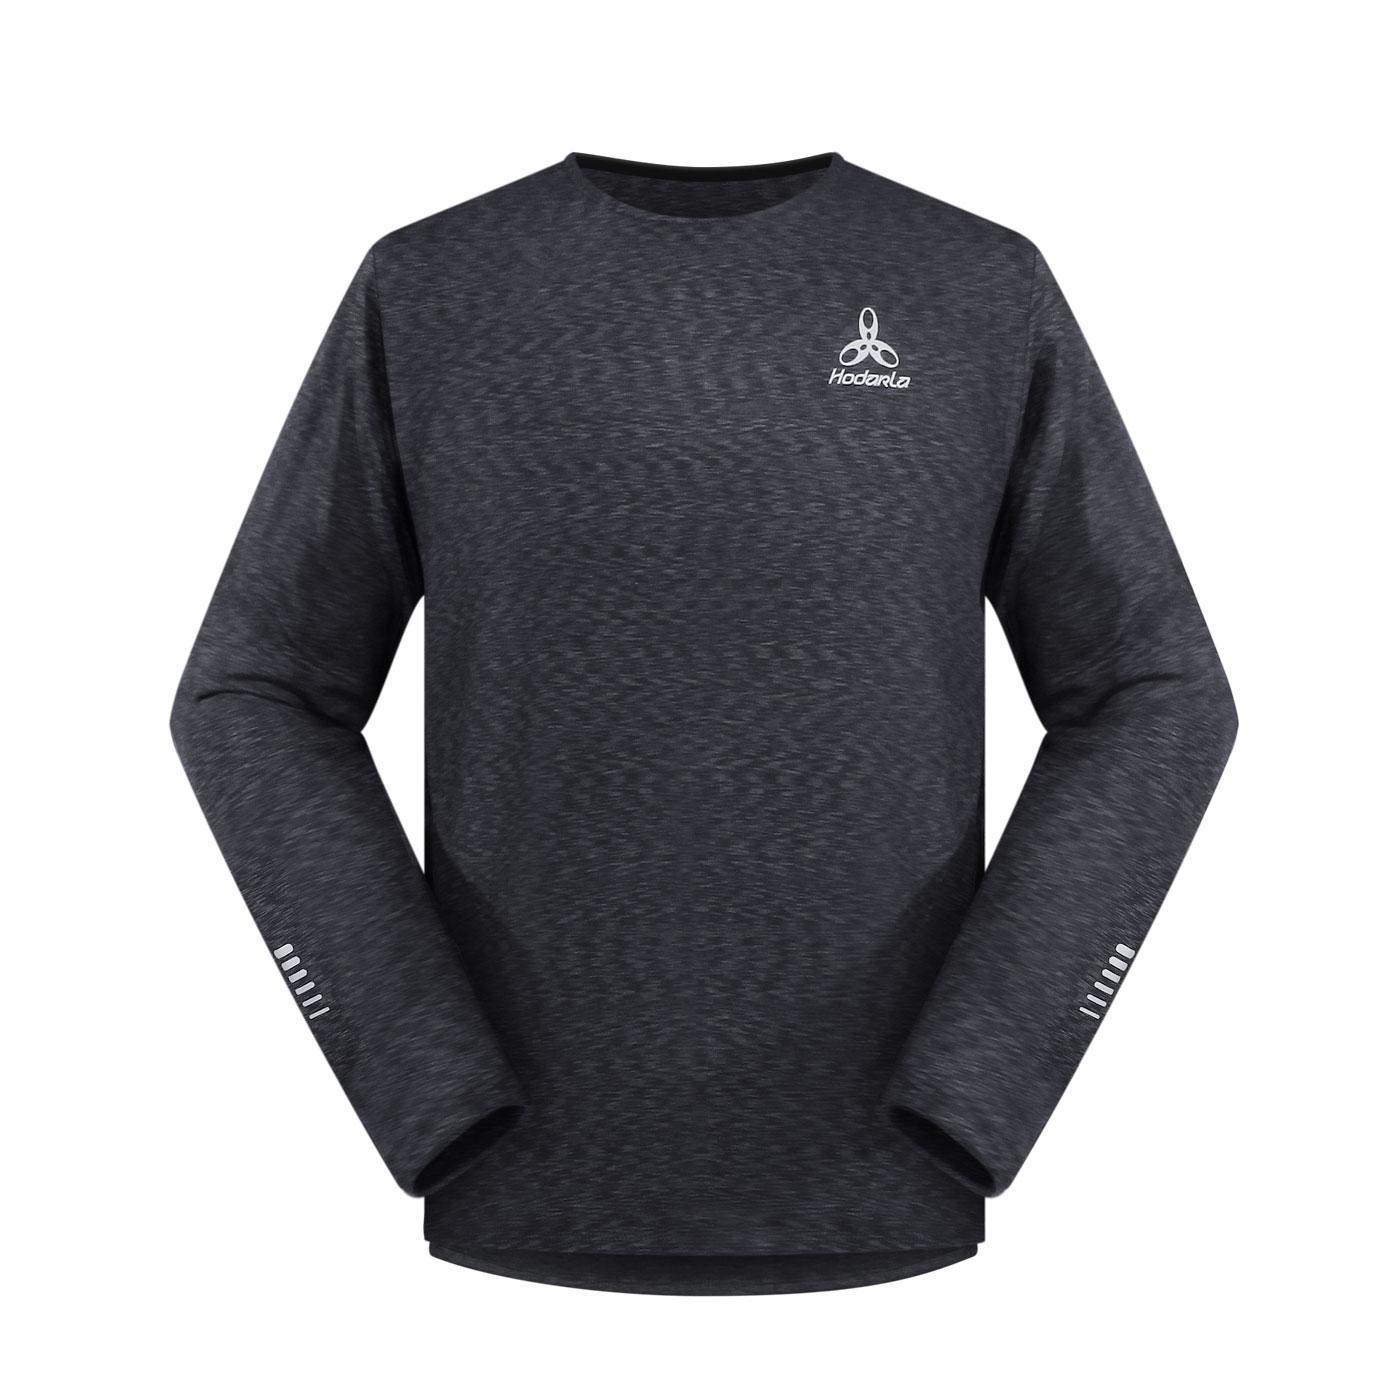 HODARLA 辰風保暖長袖T恤 3161401 - 麻花灰